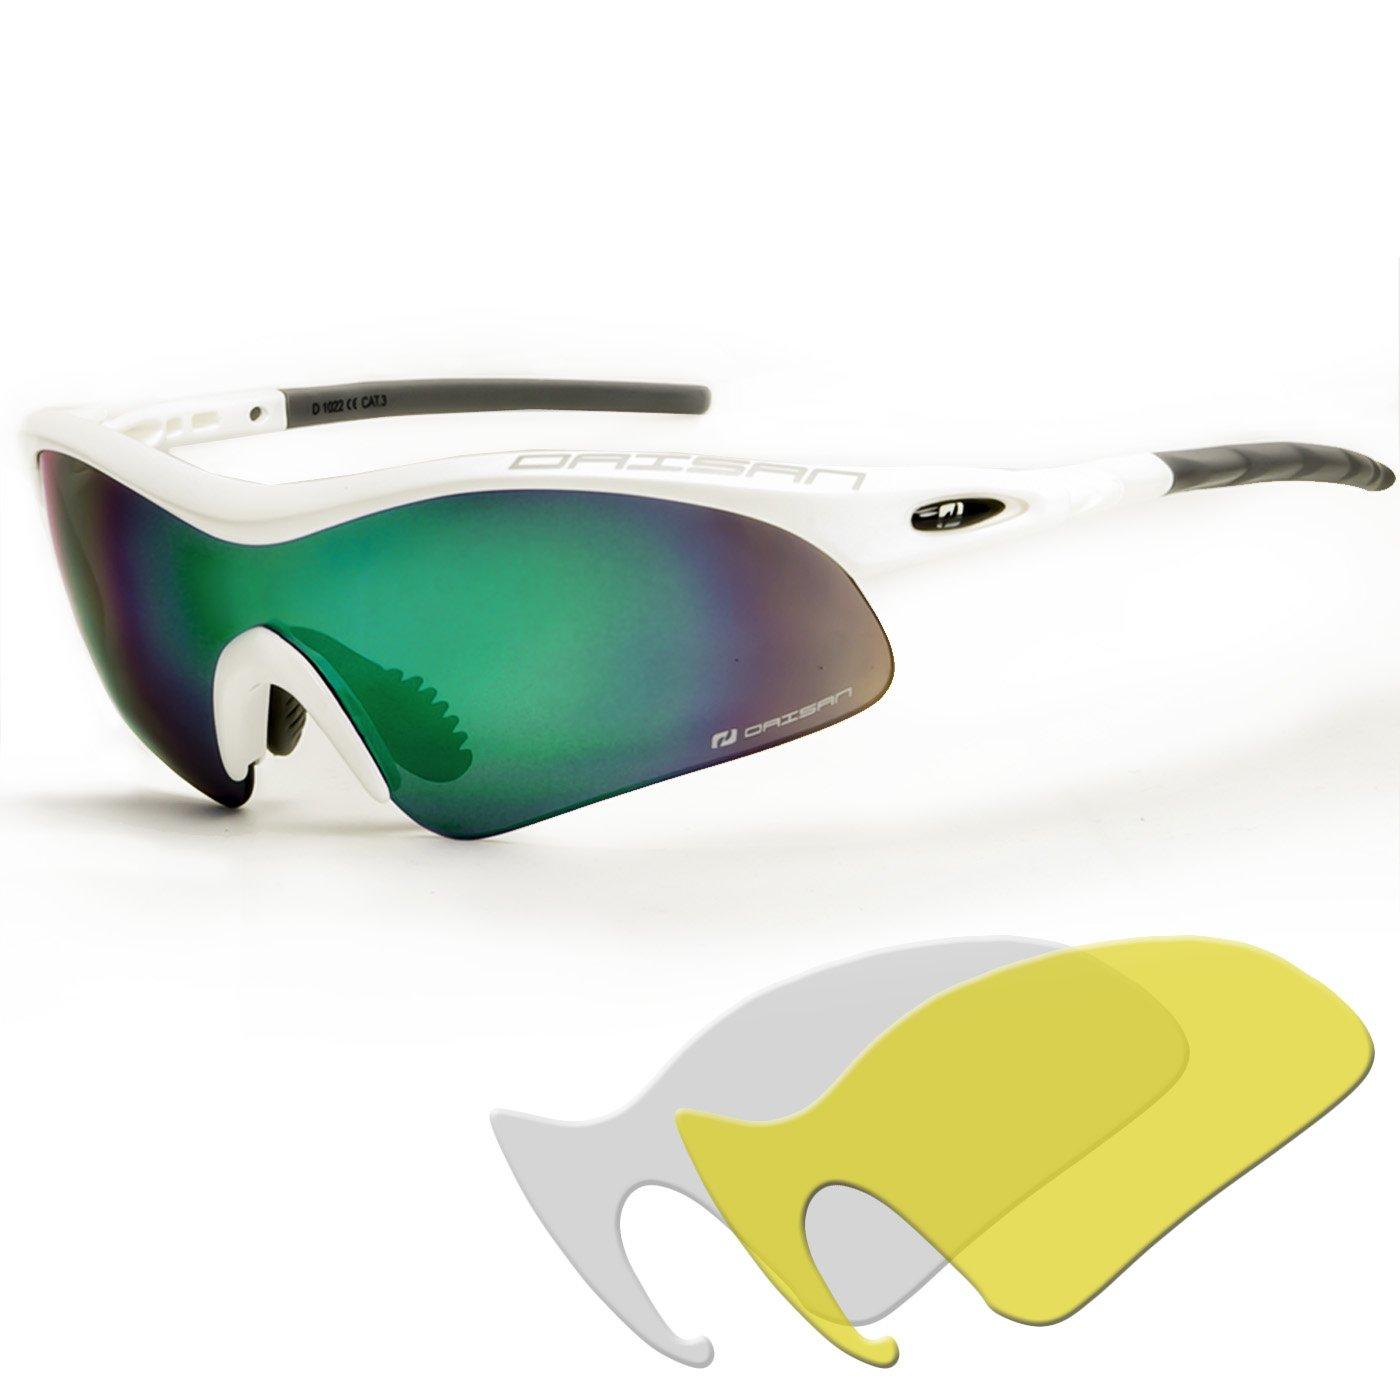 Daisan 360 Radbrille mit Wechselscheiben